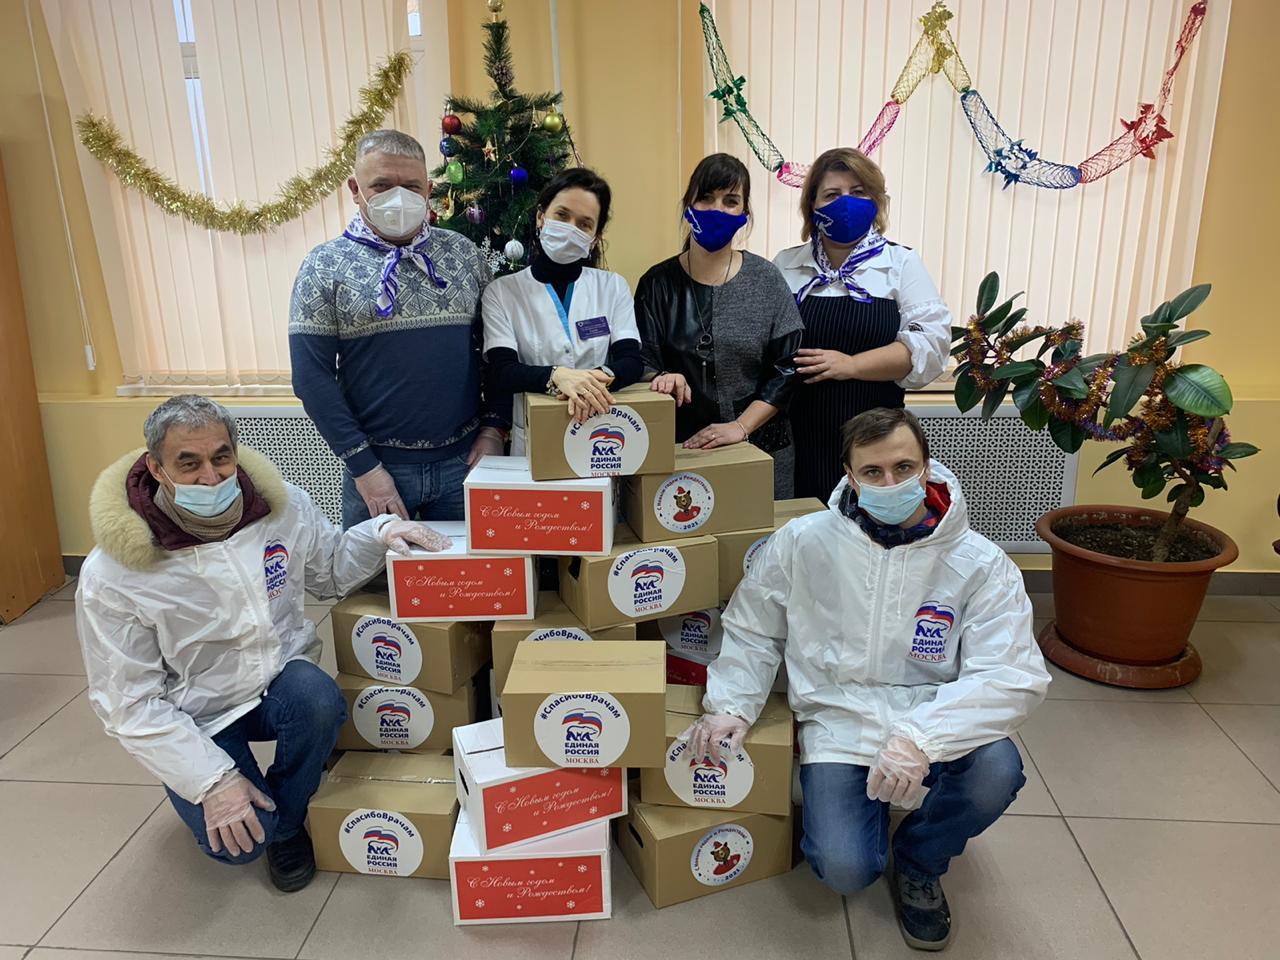 Депутат МГД Ольга Мельникова поздравила врачей с наступающими праздниками